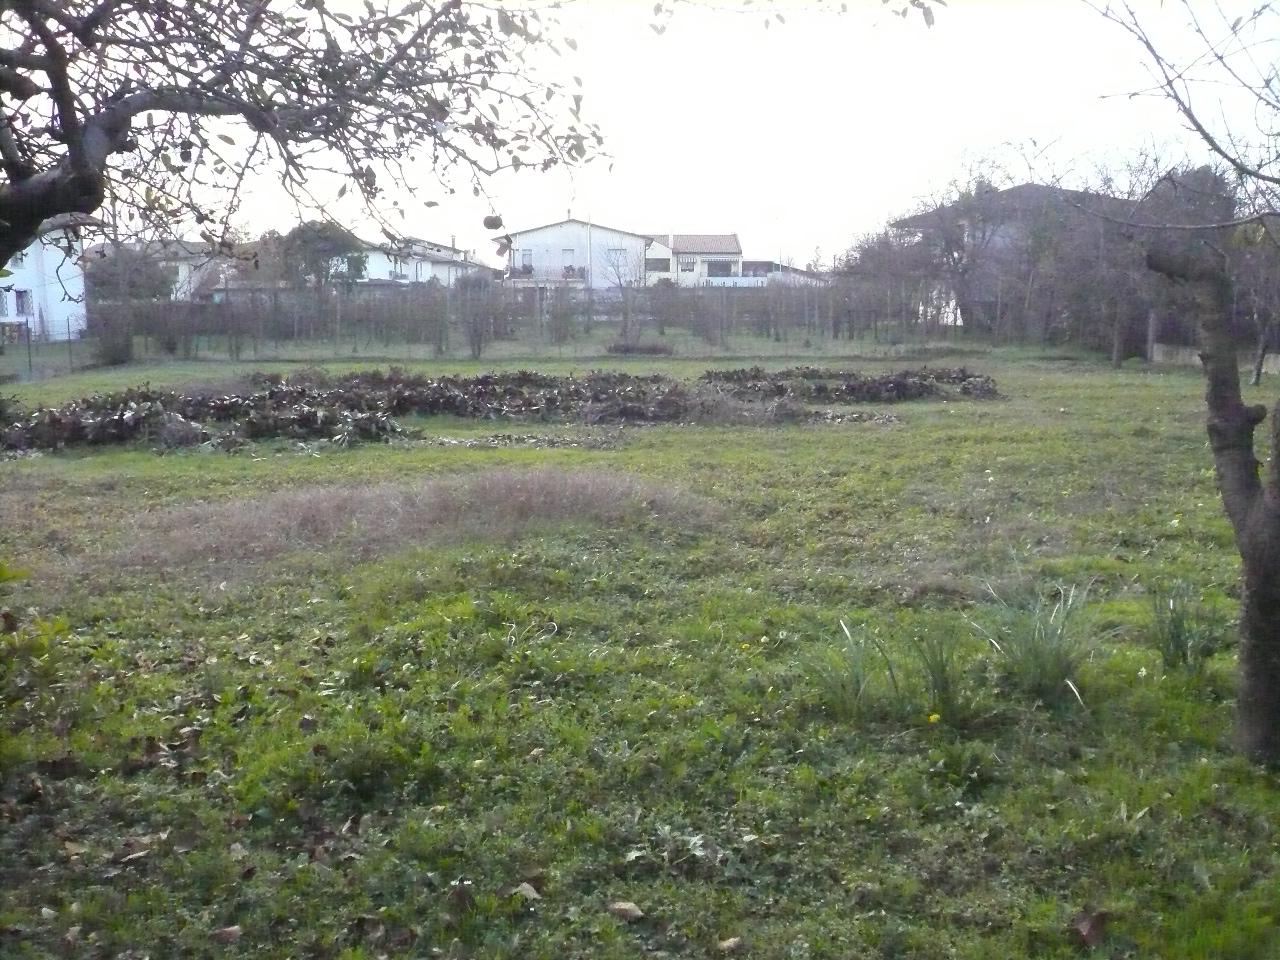 Soluzione Indipendente in vendita a San Biagio di Callalta, 9 locali, zona Località: Olmi, prezzo € 200.000 | Cambio Casa.it